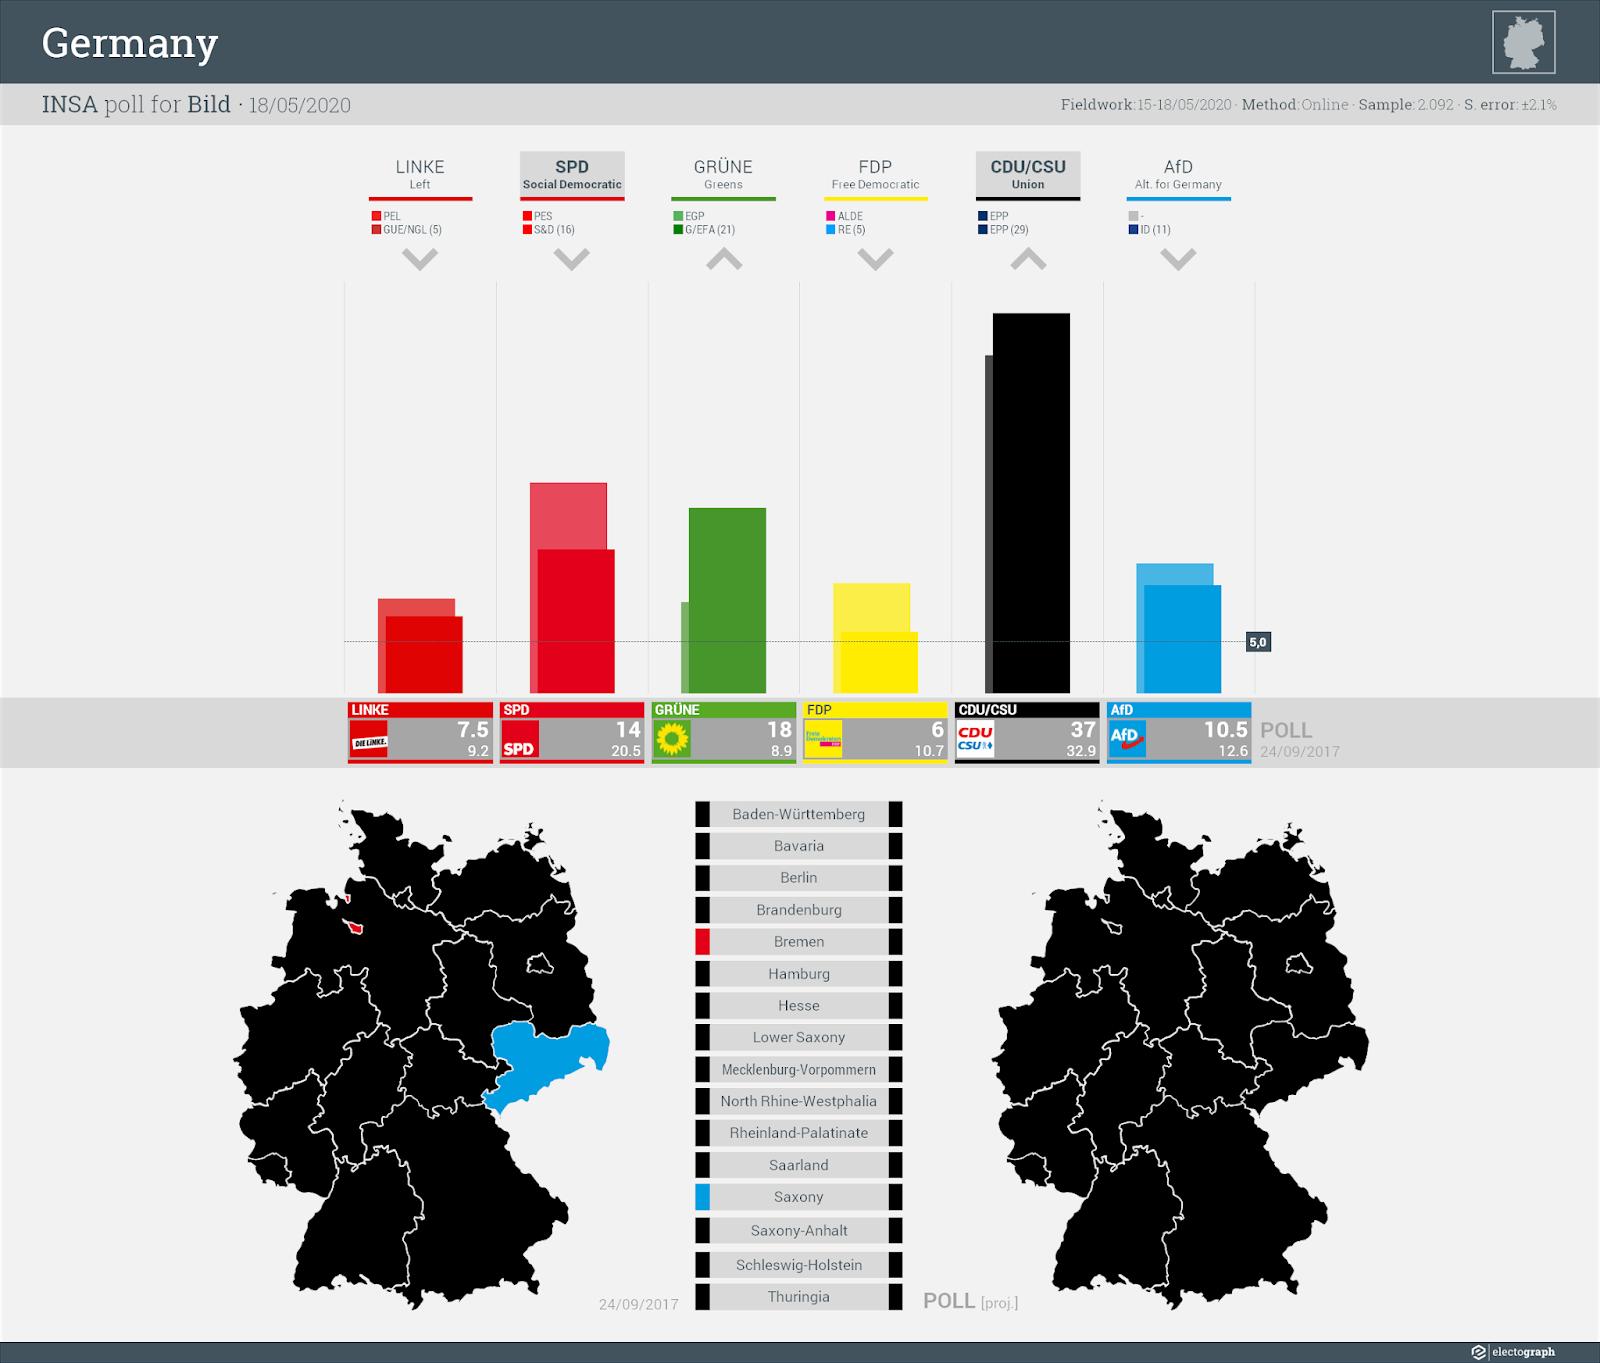 GERMANY: INSA poll chart for Bild, 18 May 2020